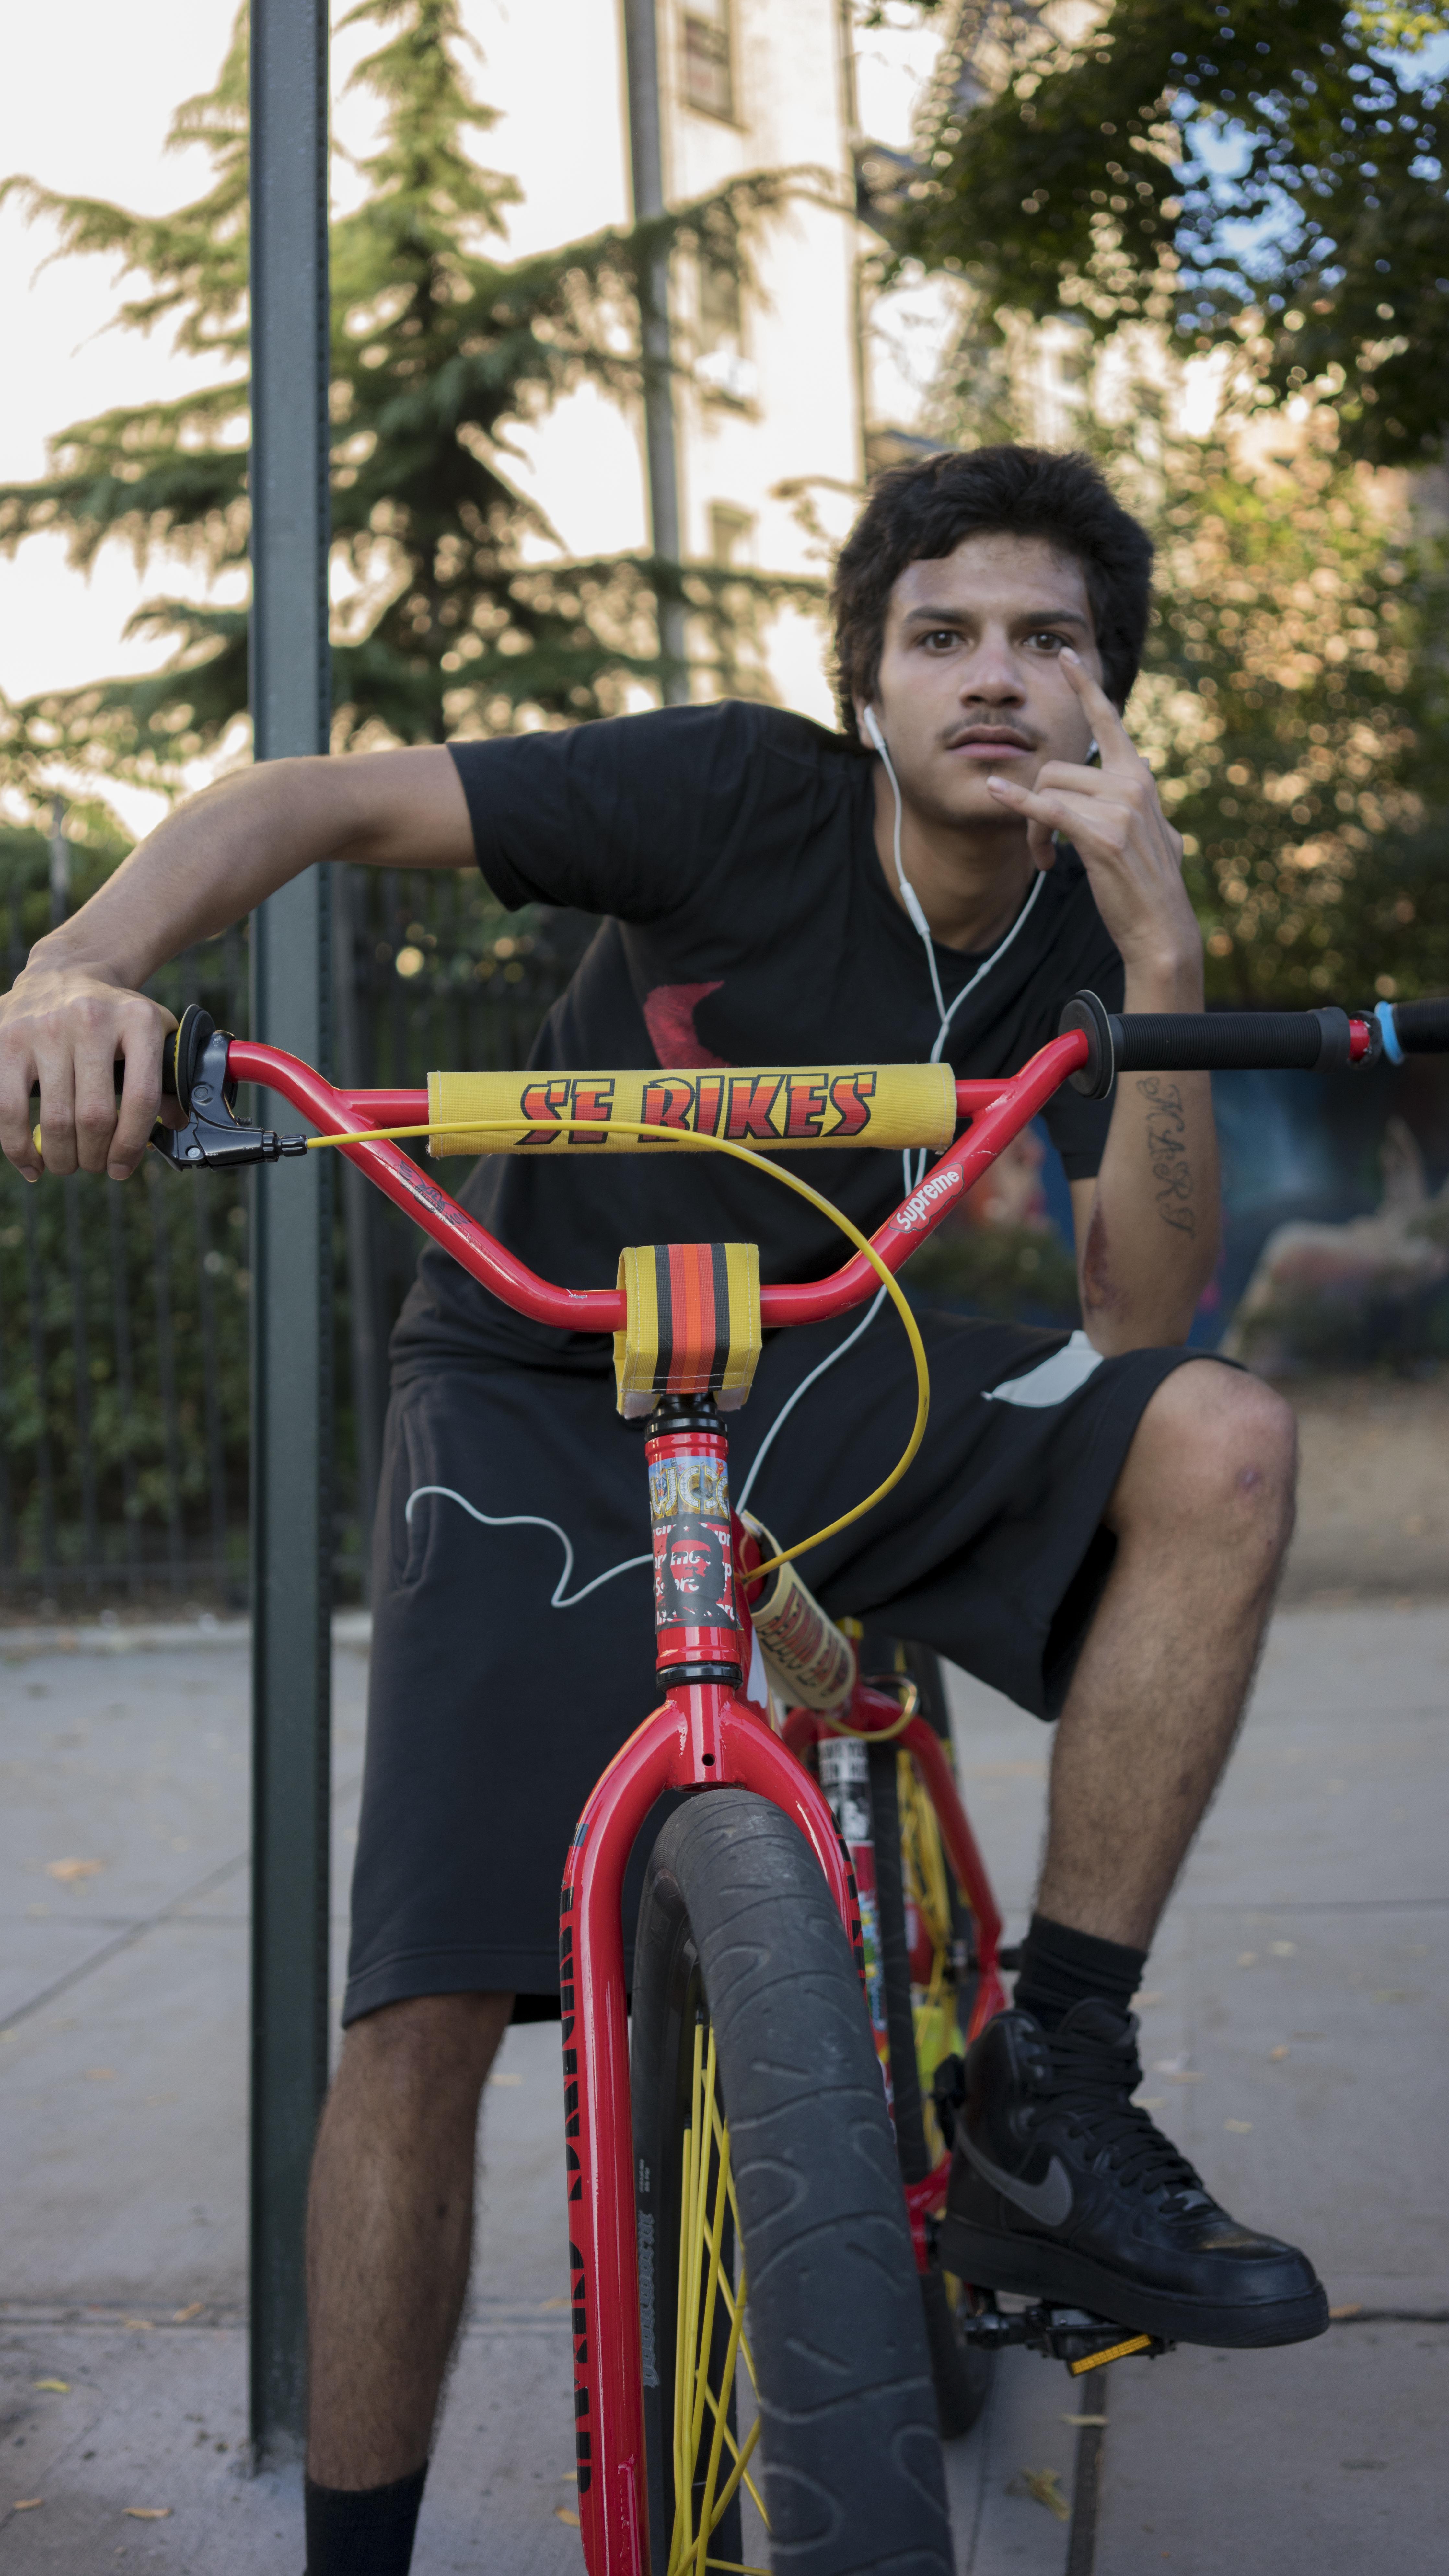 bikers-9300